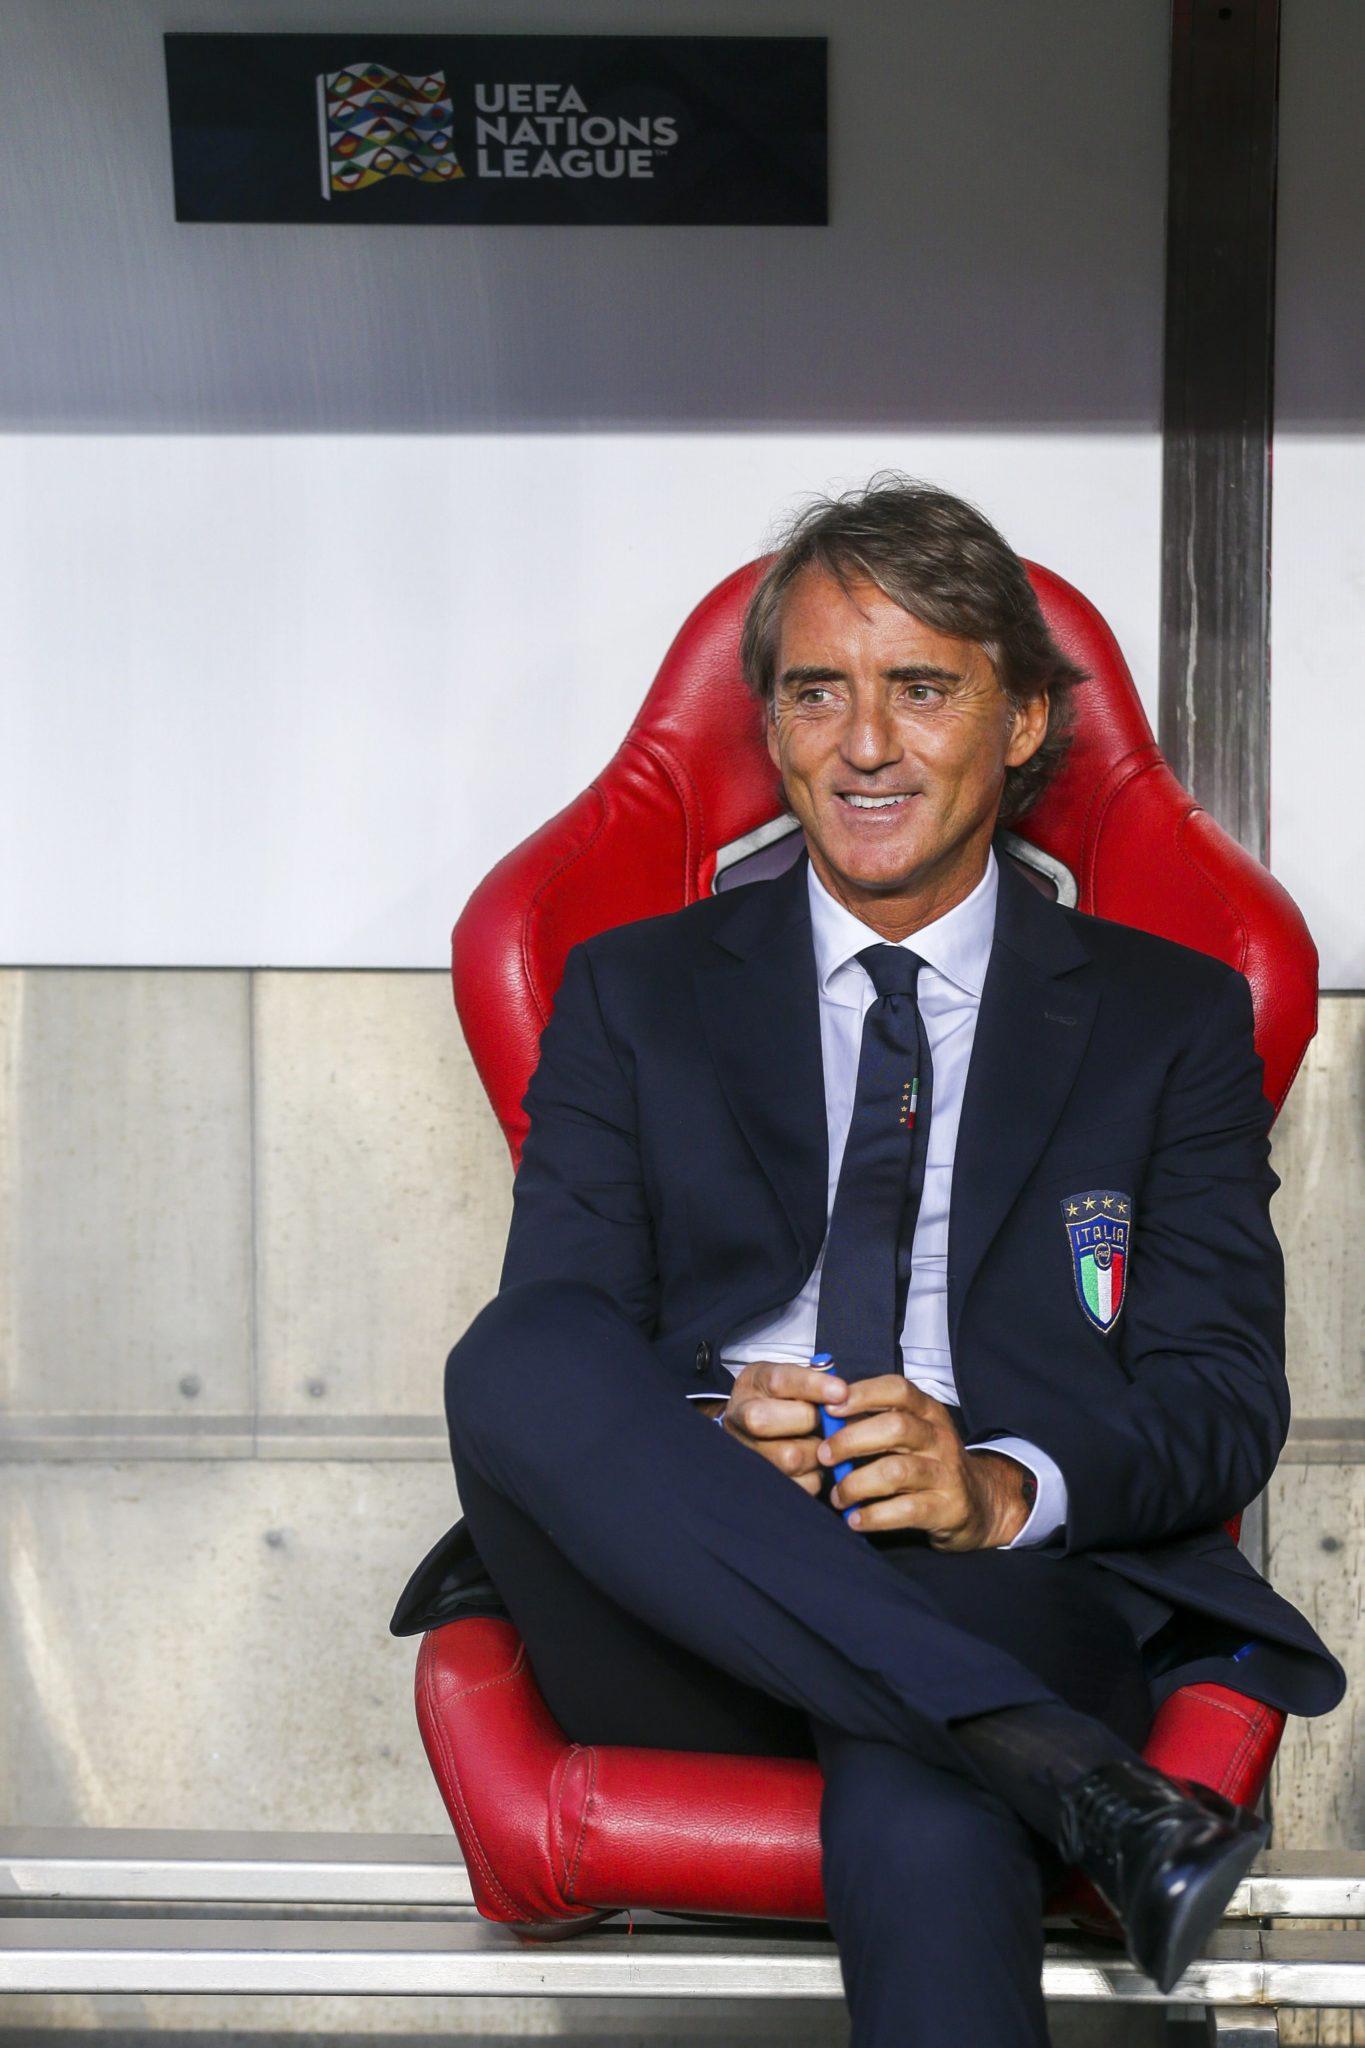 Trener Włoch Roberto Mancini przed meczem Ligi Narodów UEFA pomiędzy Portugalią i Włochami w Lizbonie, fot. Jose Sena Goulao, PAP/EPA